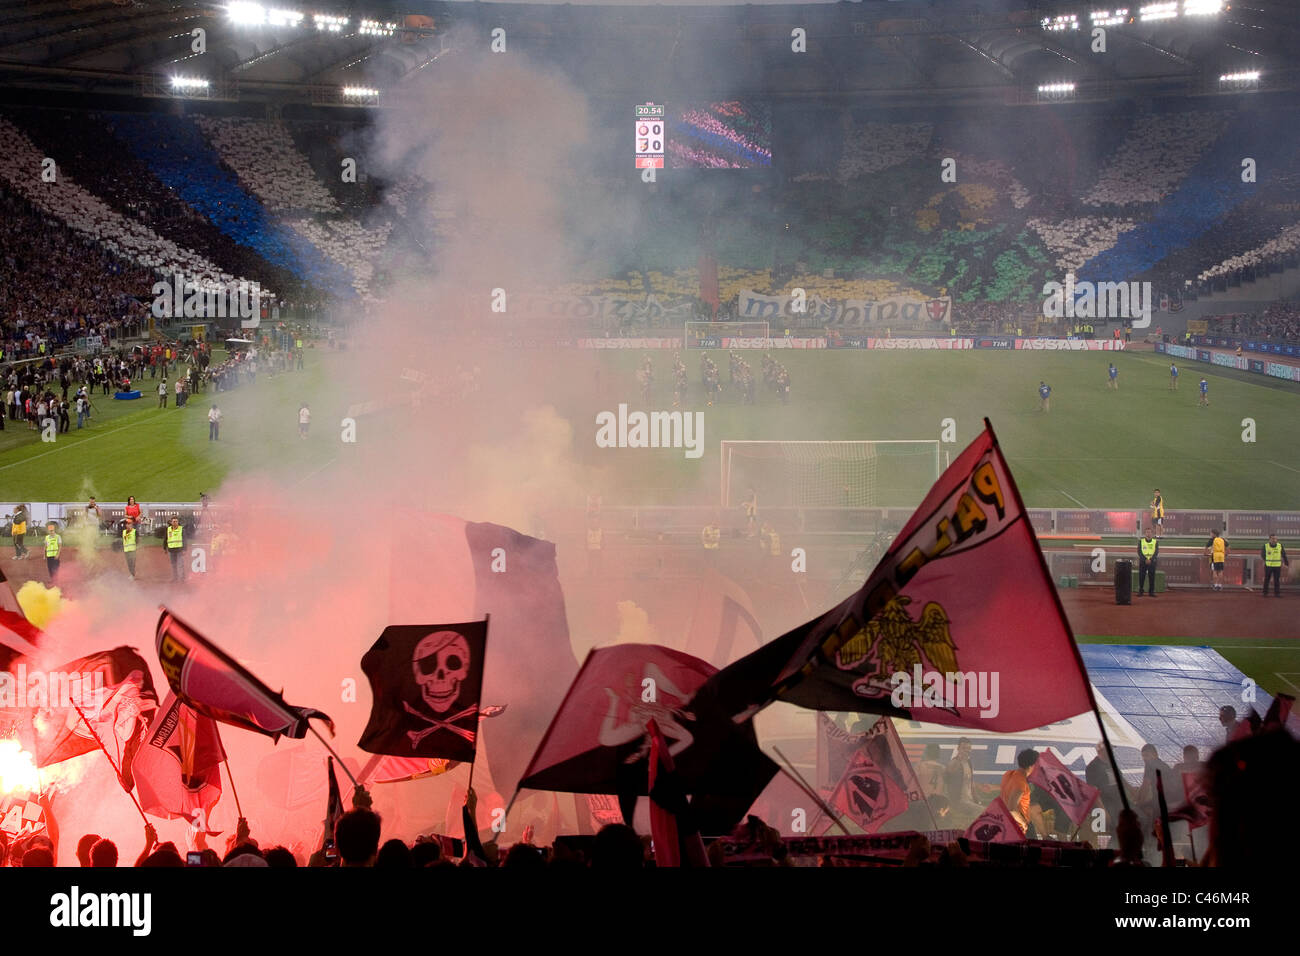 Palermo i tifosi di calcio allo stadio Olimpico di Roma prima le finali della Coppa Italia contro Inter e Milan Immagini Stock